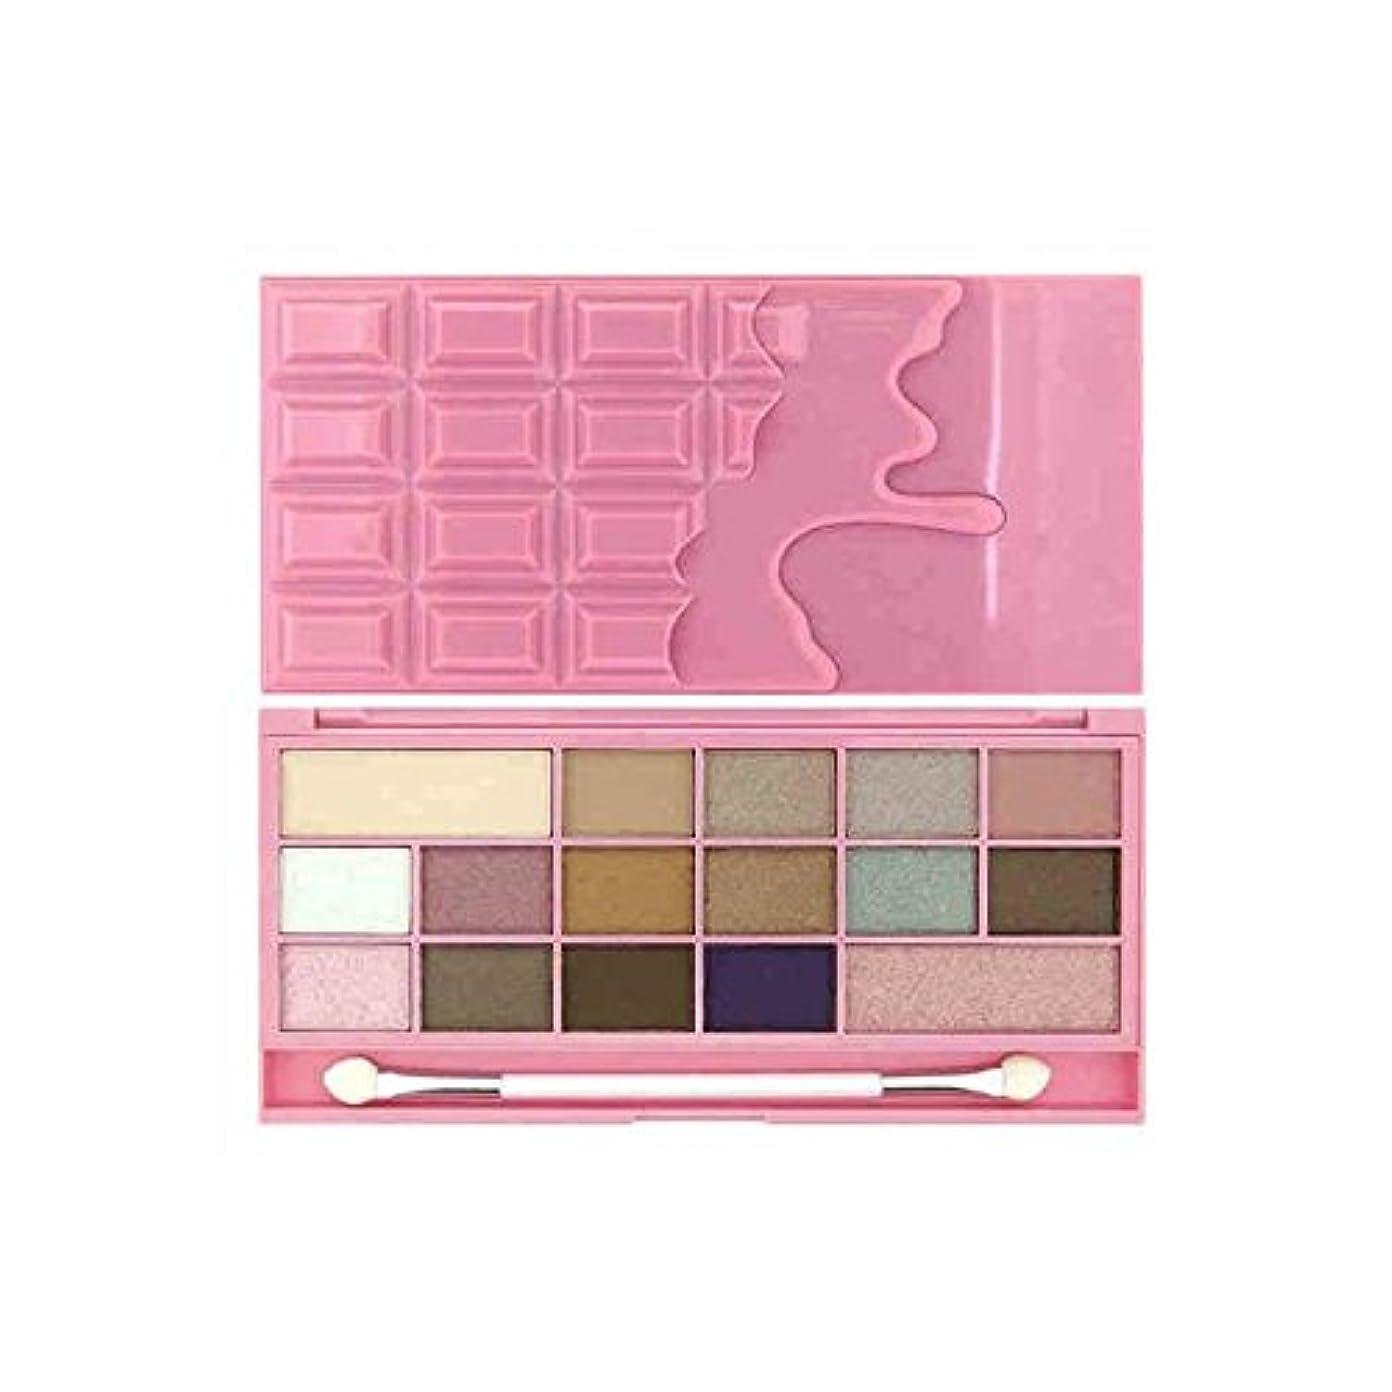 複合返済アンケート私は心のチョコレートアイシャドウピンクのフィズ x2 - I Heart Chocolate Eye Shadow Pink Fizz (Pack of 2) [並行輸入品]